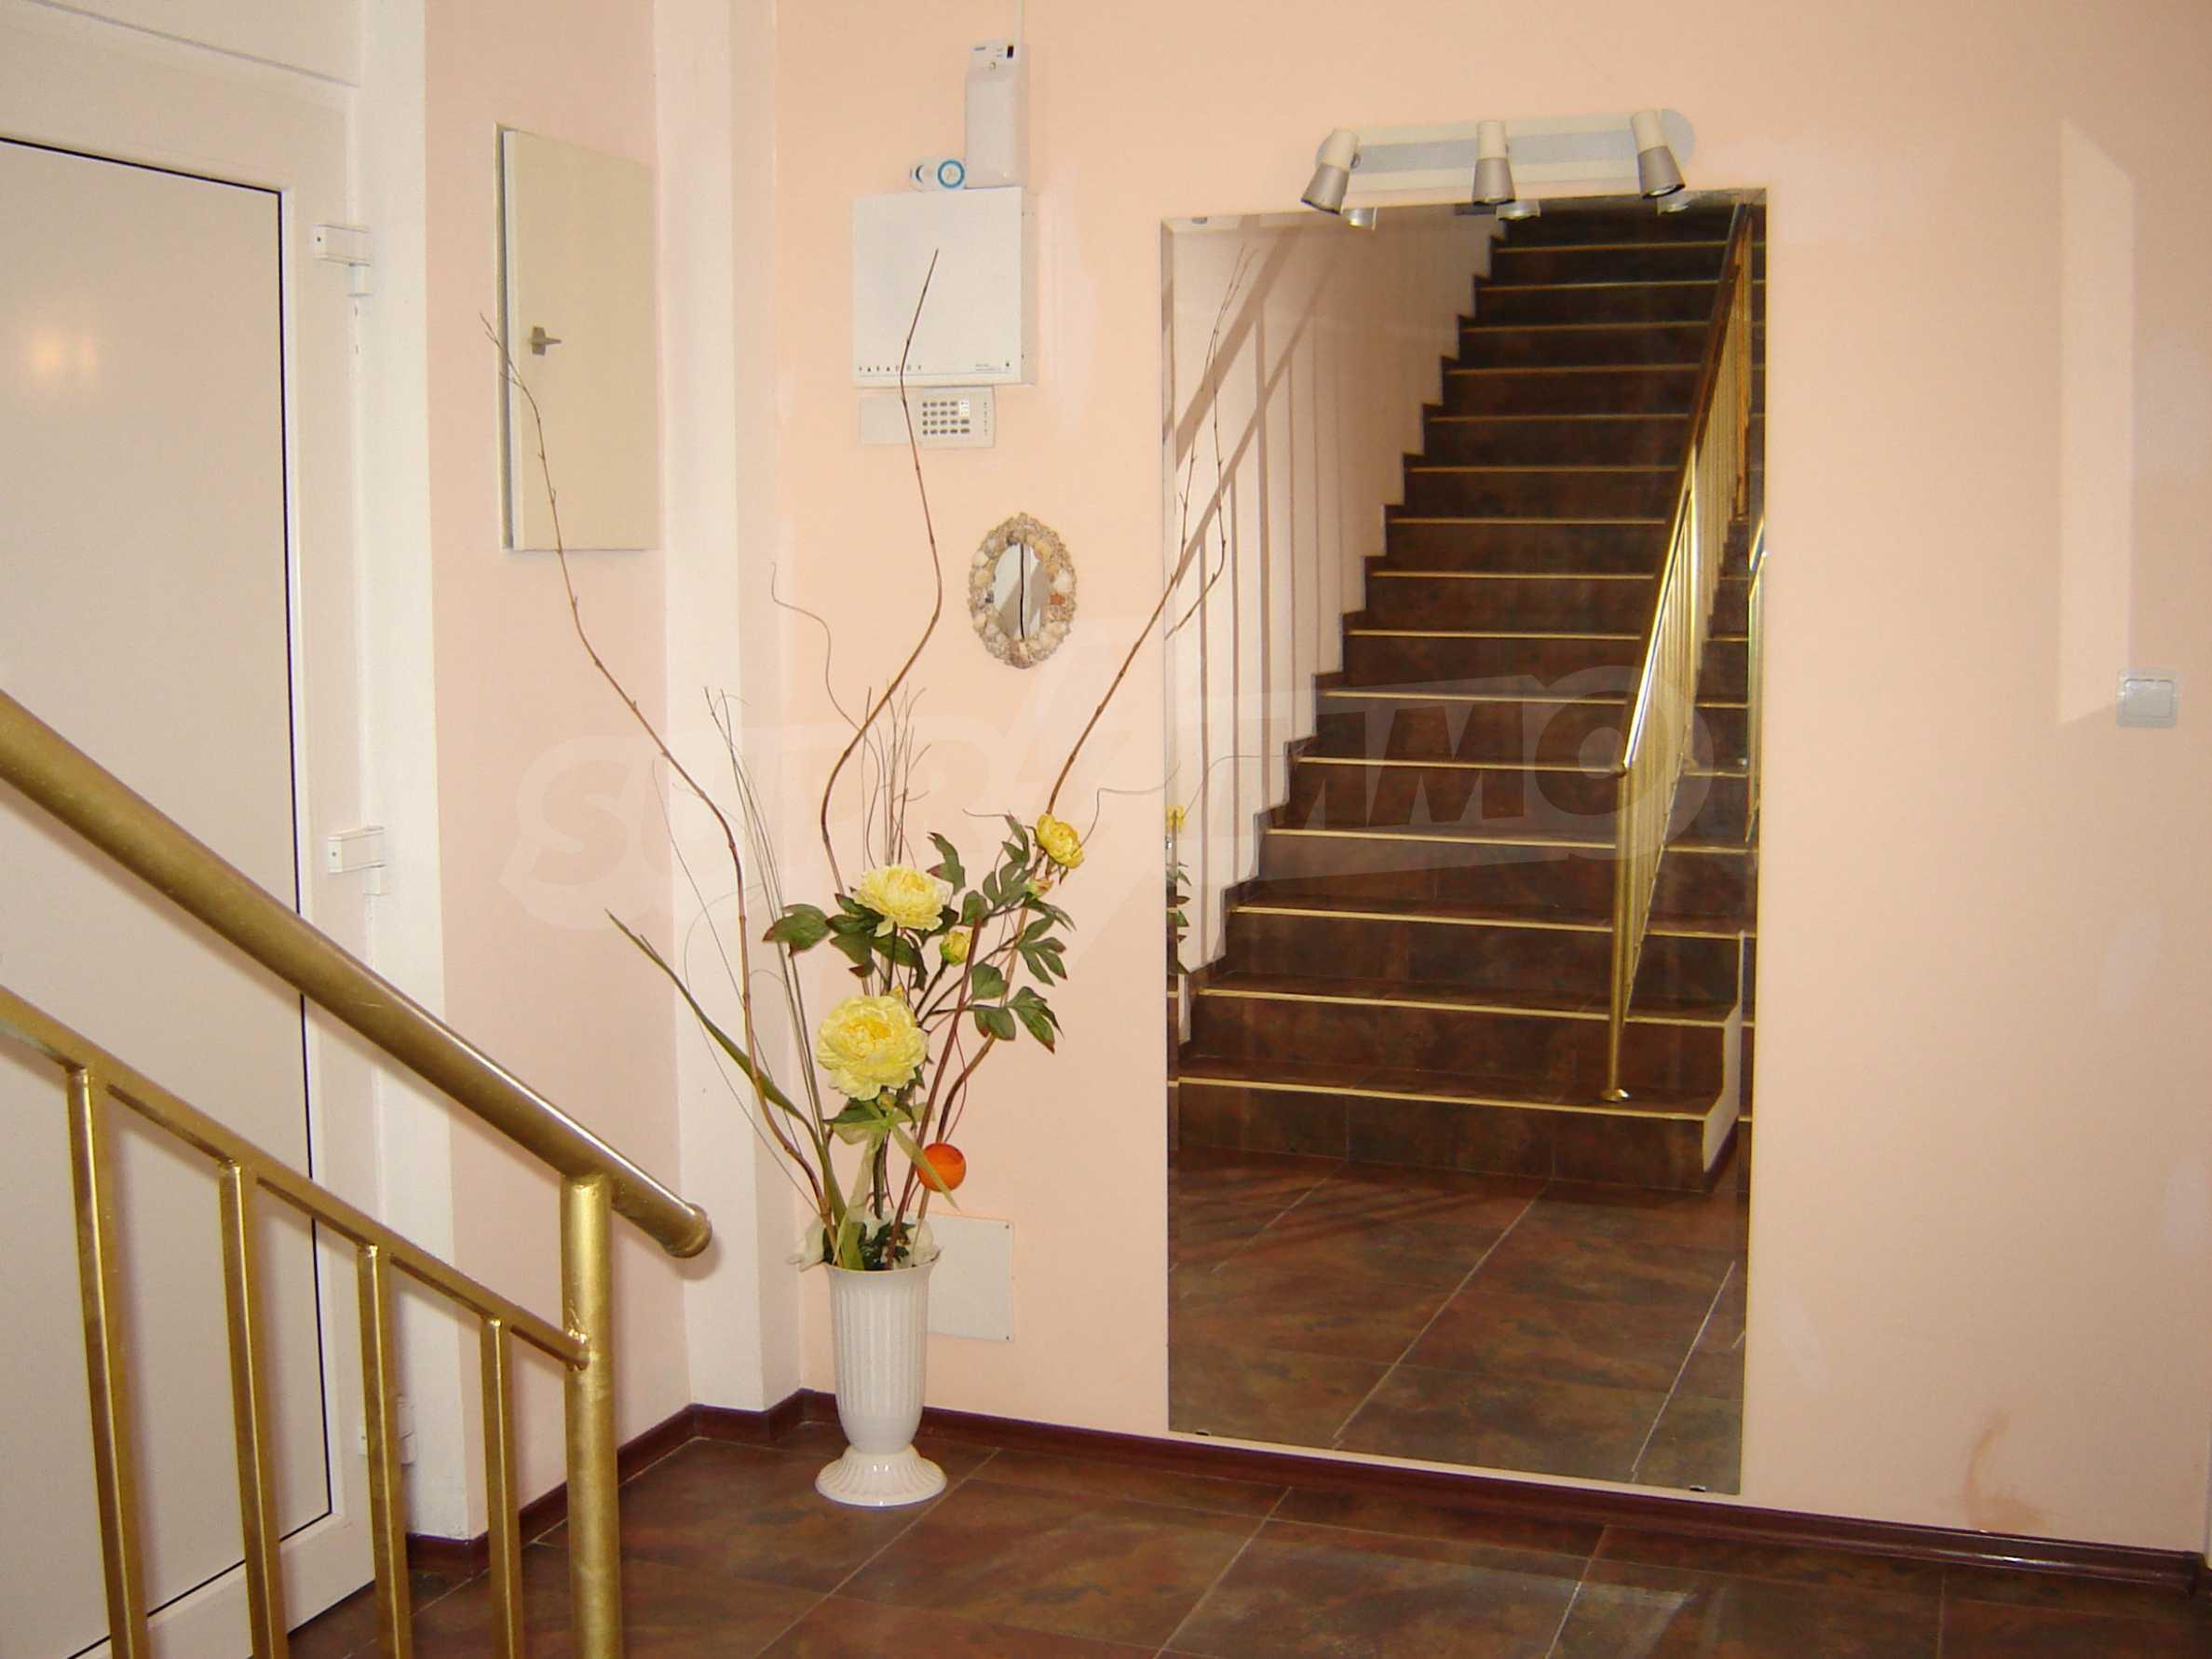 House of family hotel type for sale in Primorsko 2